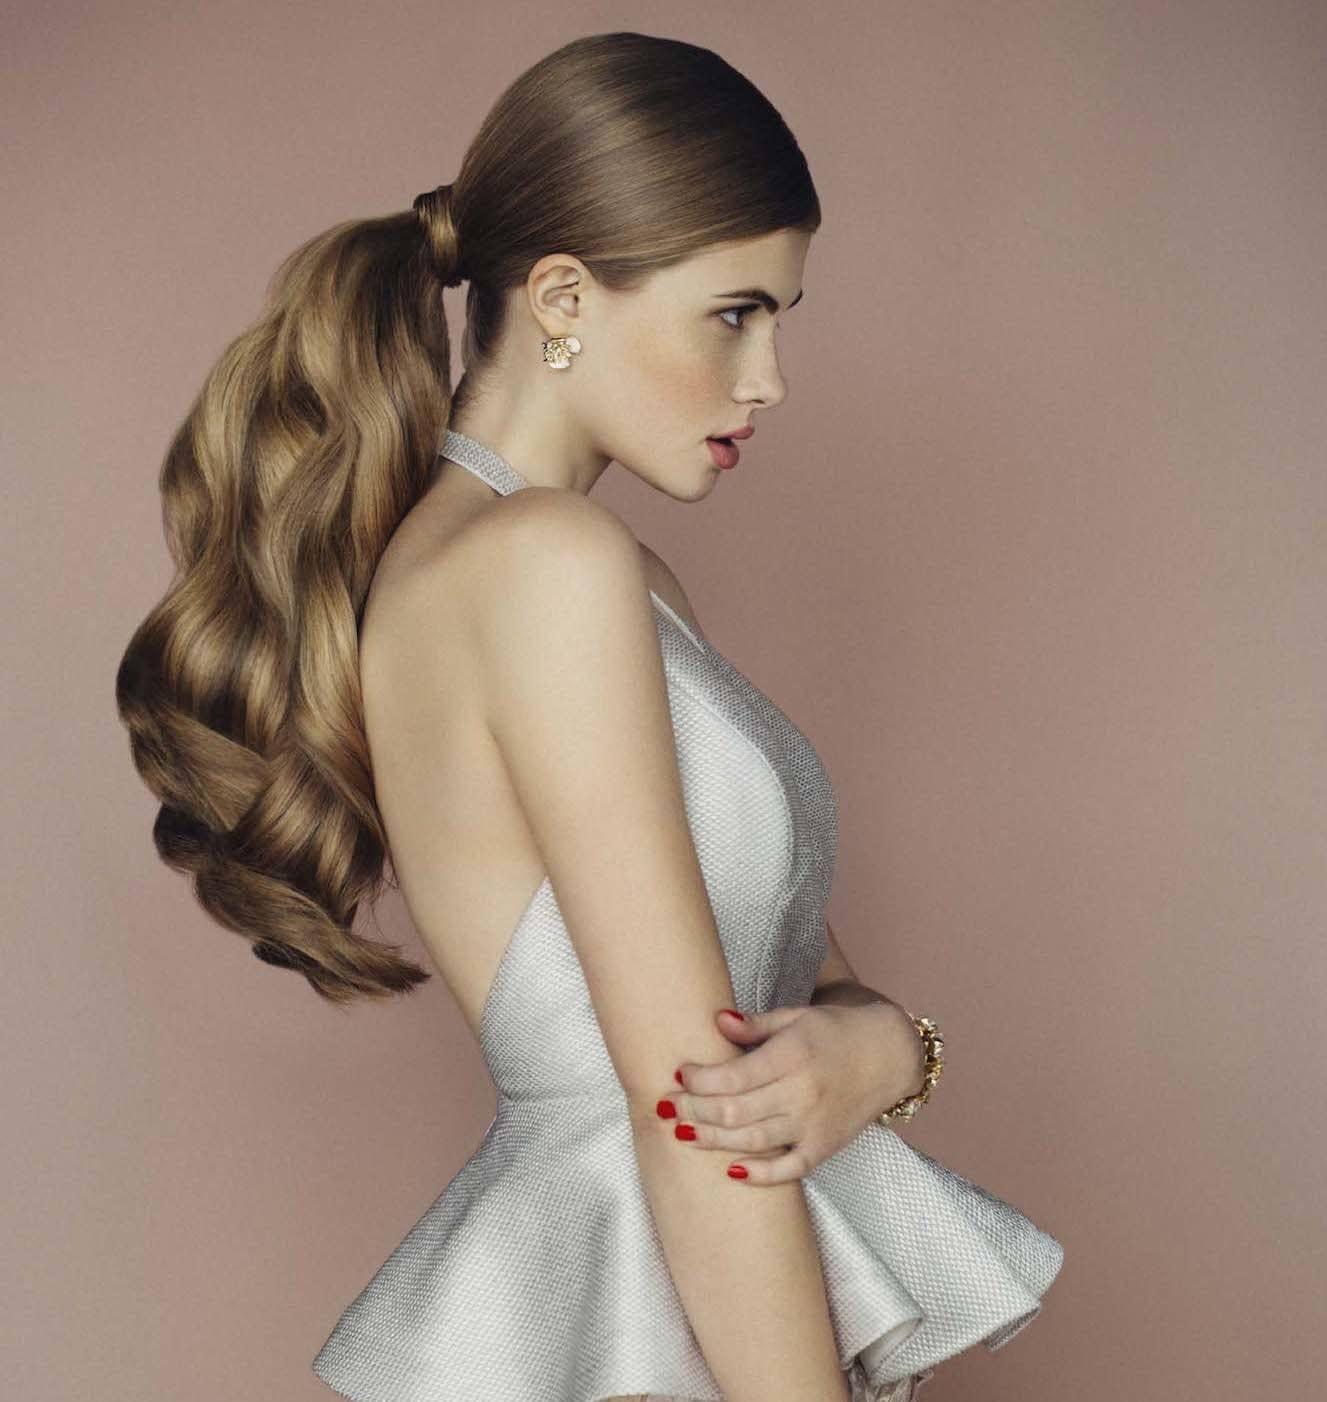 Cara menata rambut panjang untuk pesta gaya ponytail ikal.